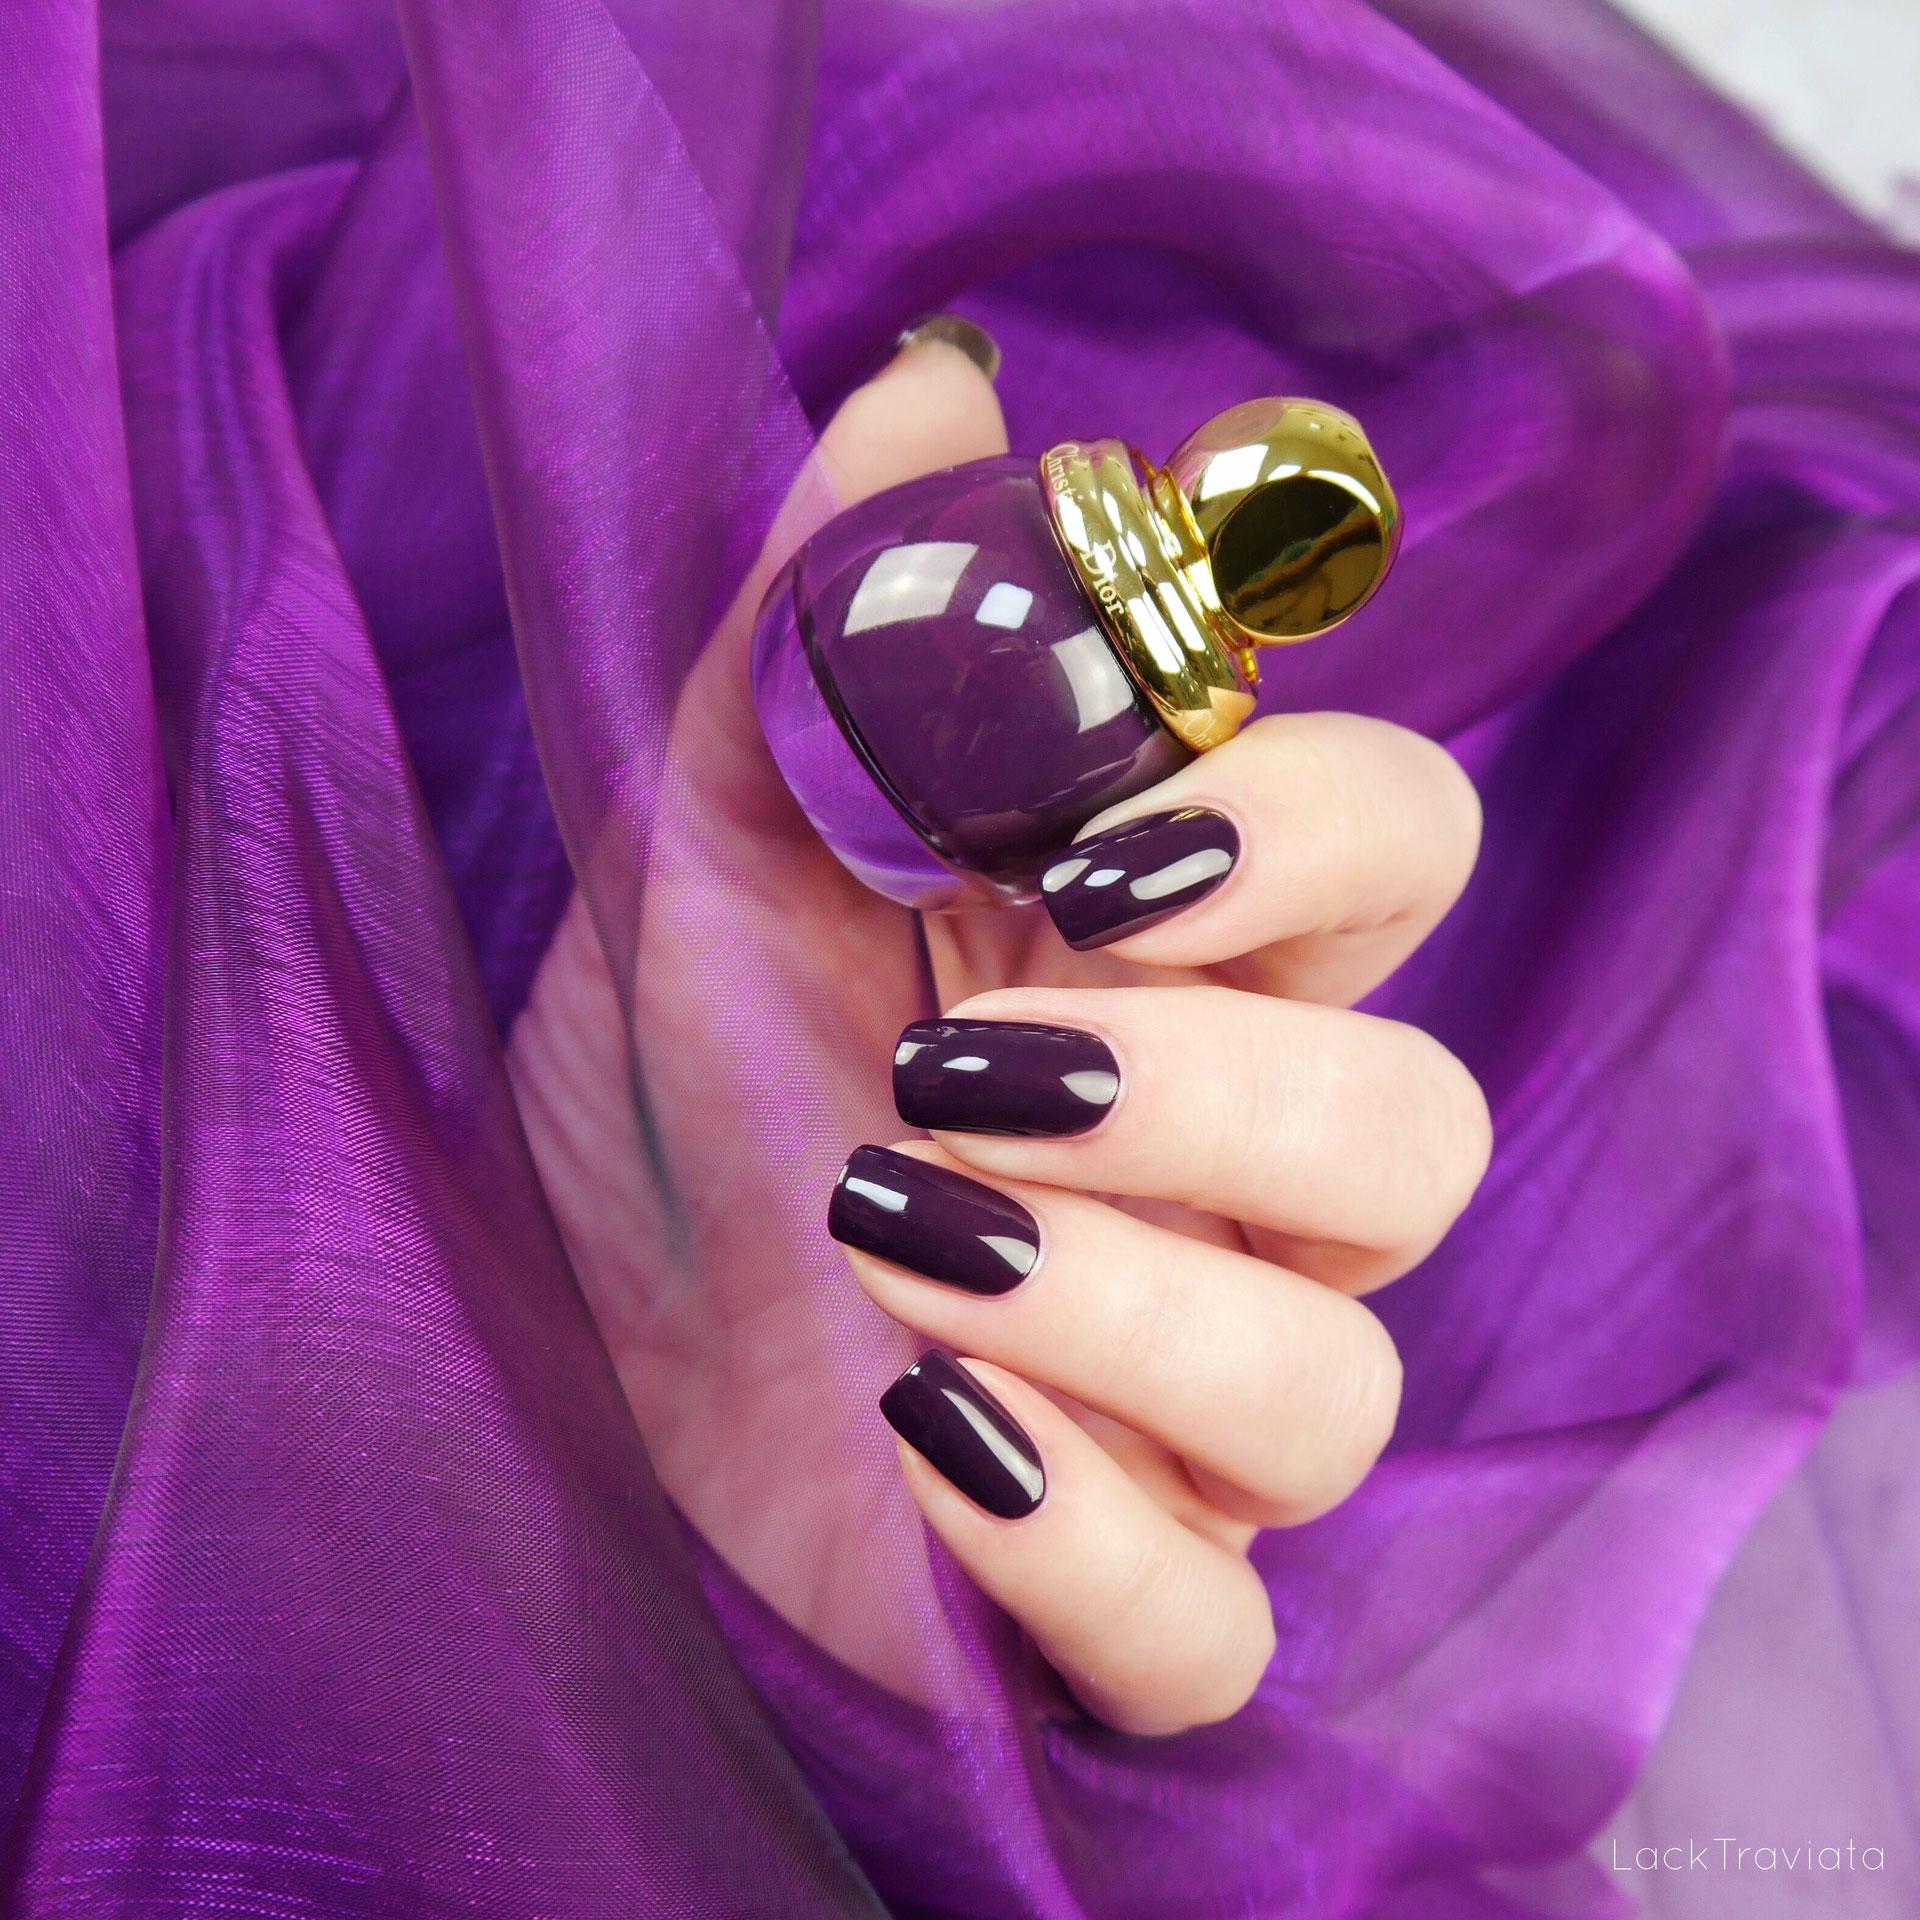 Dior • AMETHYST 998 • Diorific VERNIS • Precious Rocks Collection ...